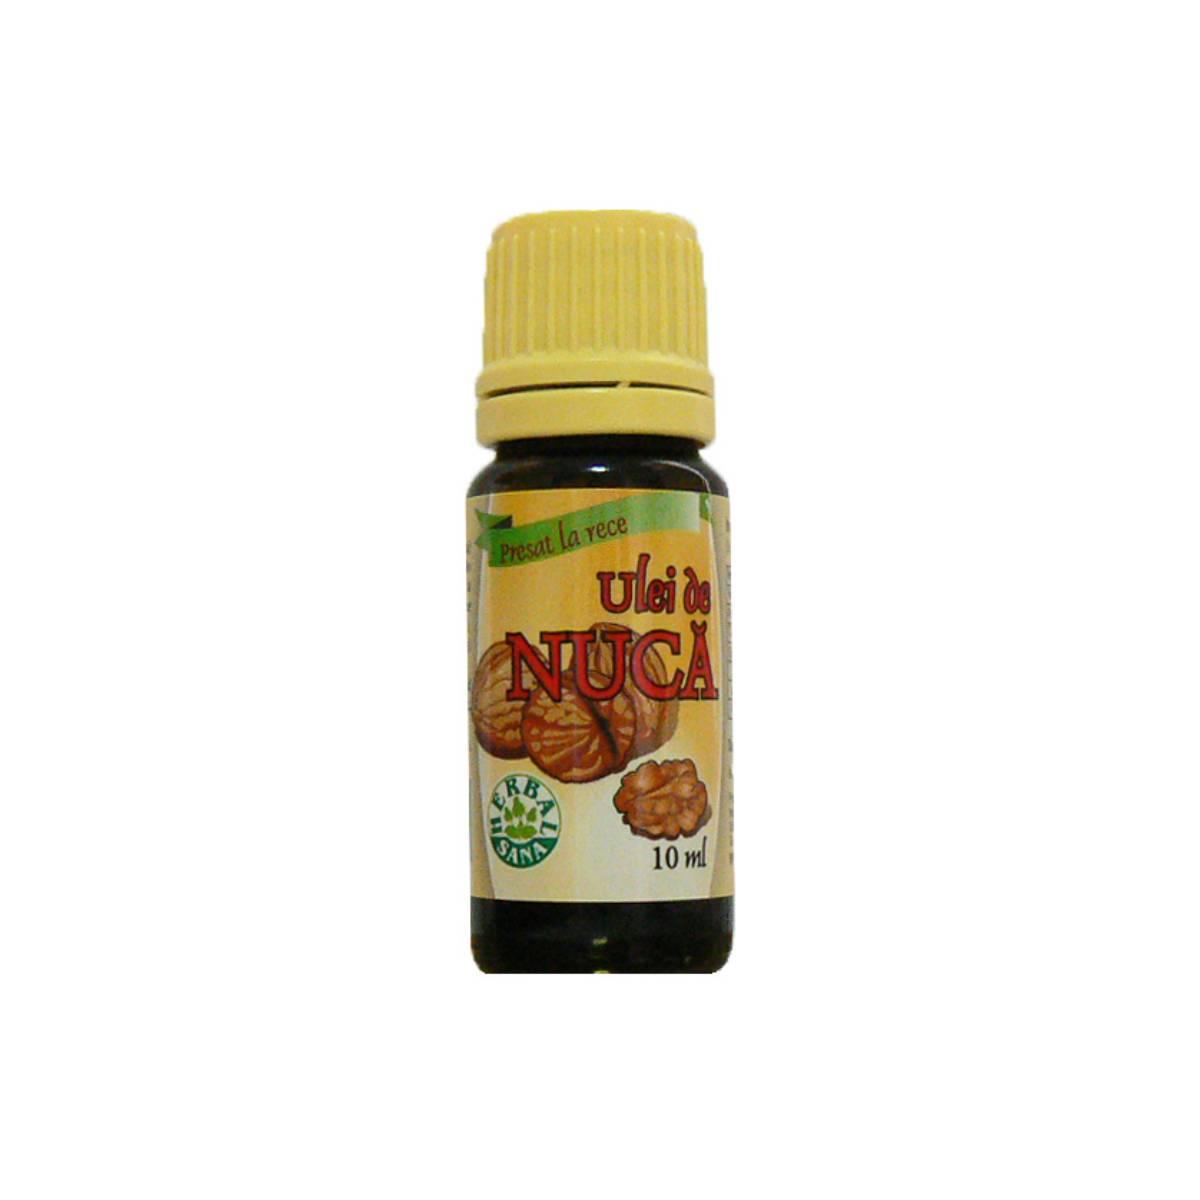 Ulei de nucă presat la rece, 10 ml, Herbavit